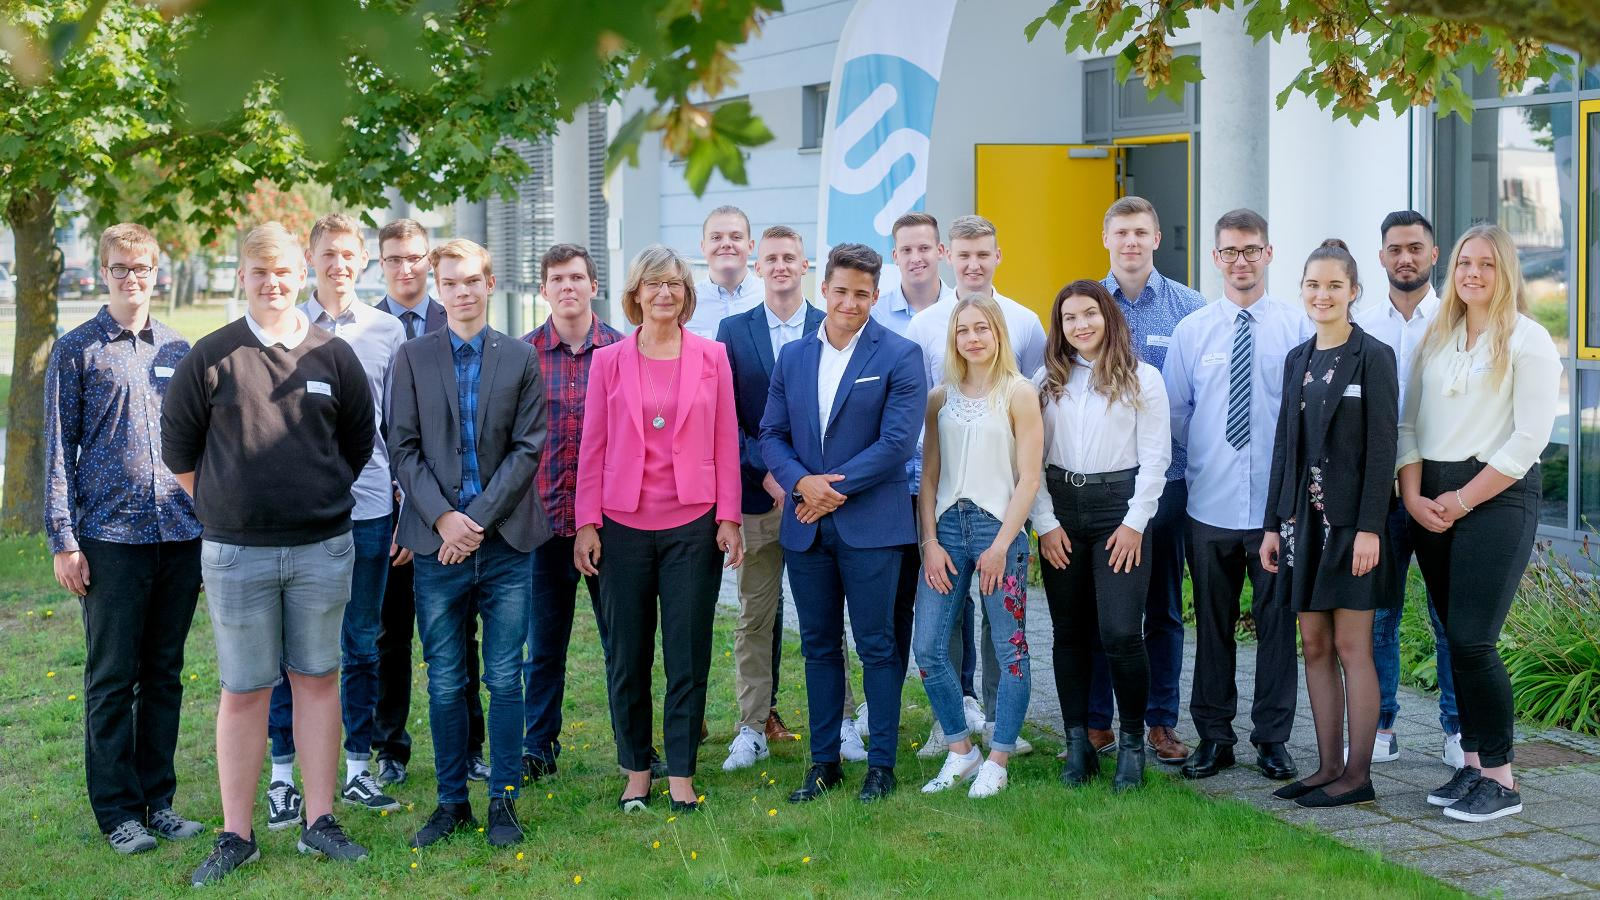 Die 18 neuen Auszubildenden mit Stadtwerke Vorstandsmitglied Ute Römer. (Fotograf: Georg Scharnweber)